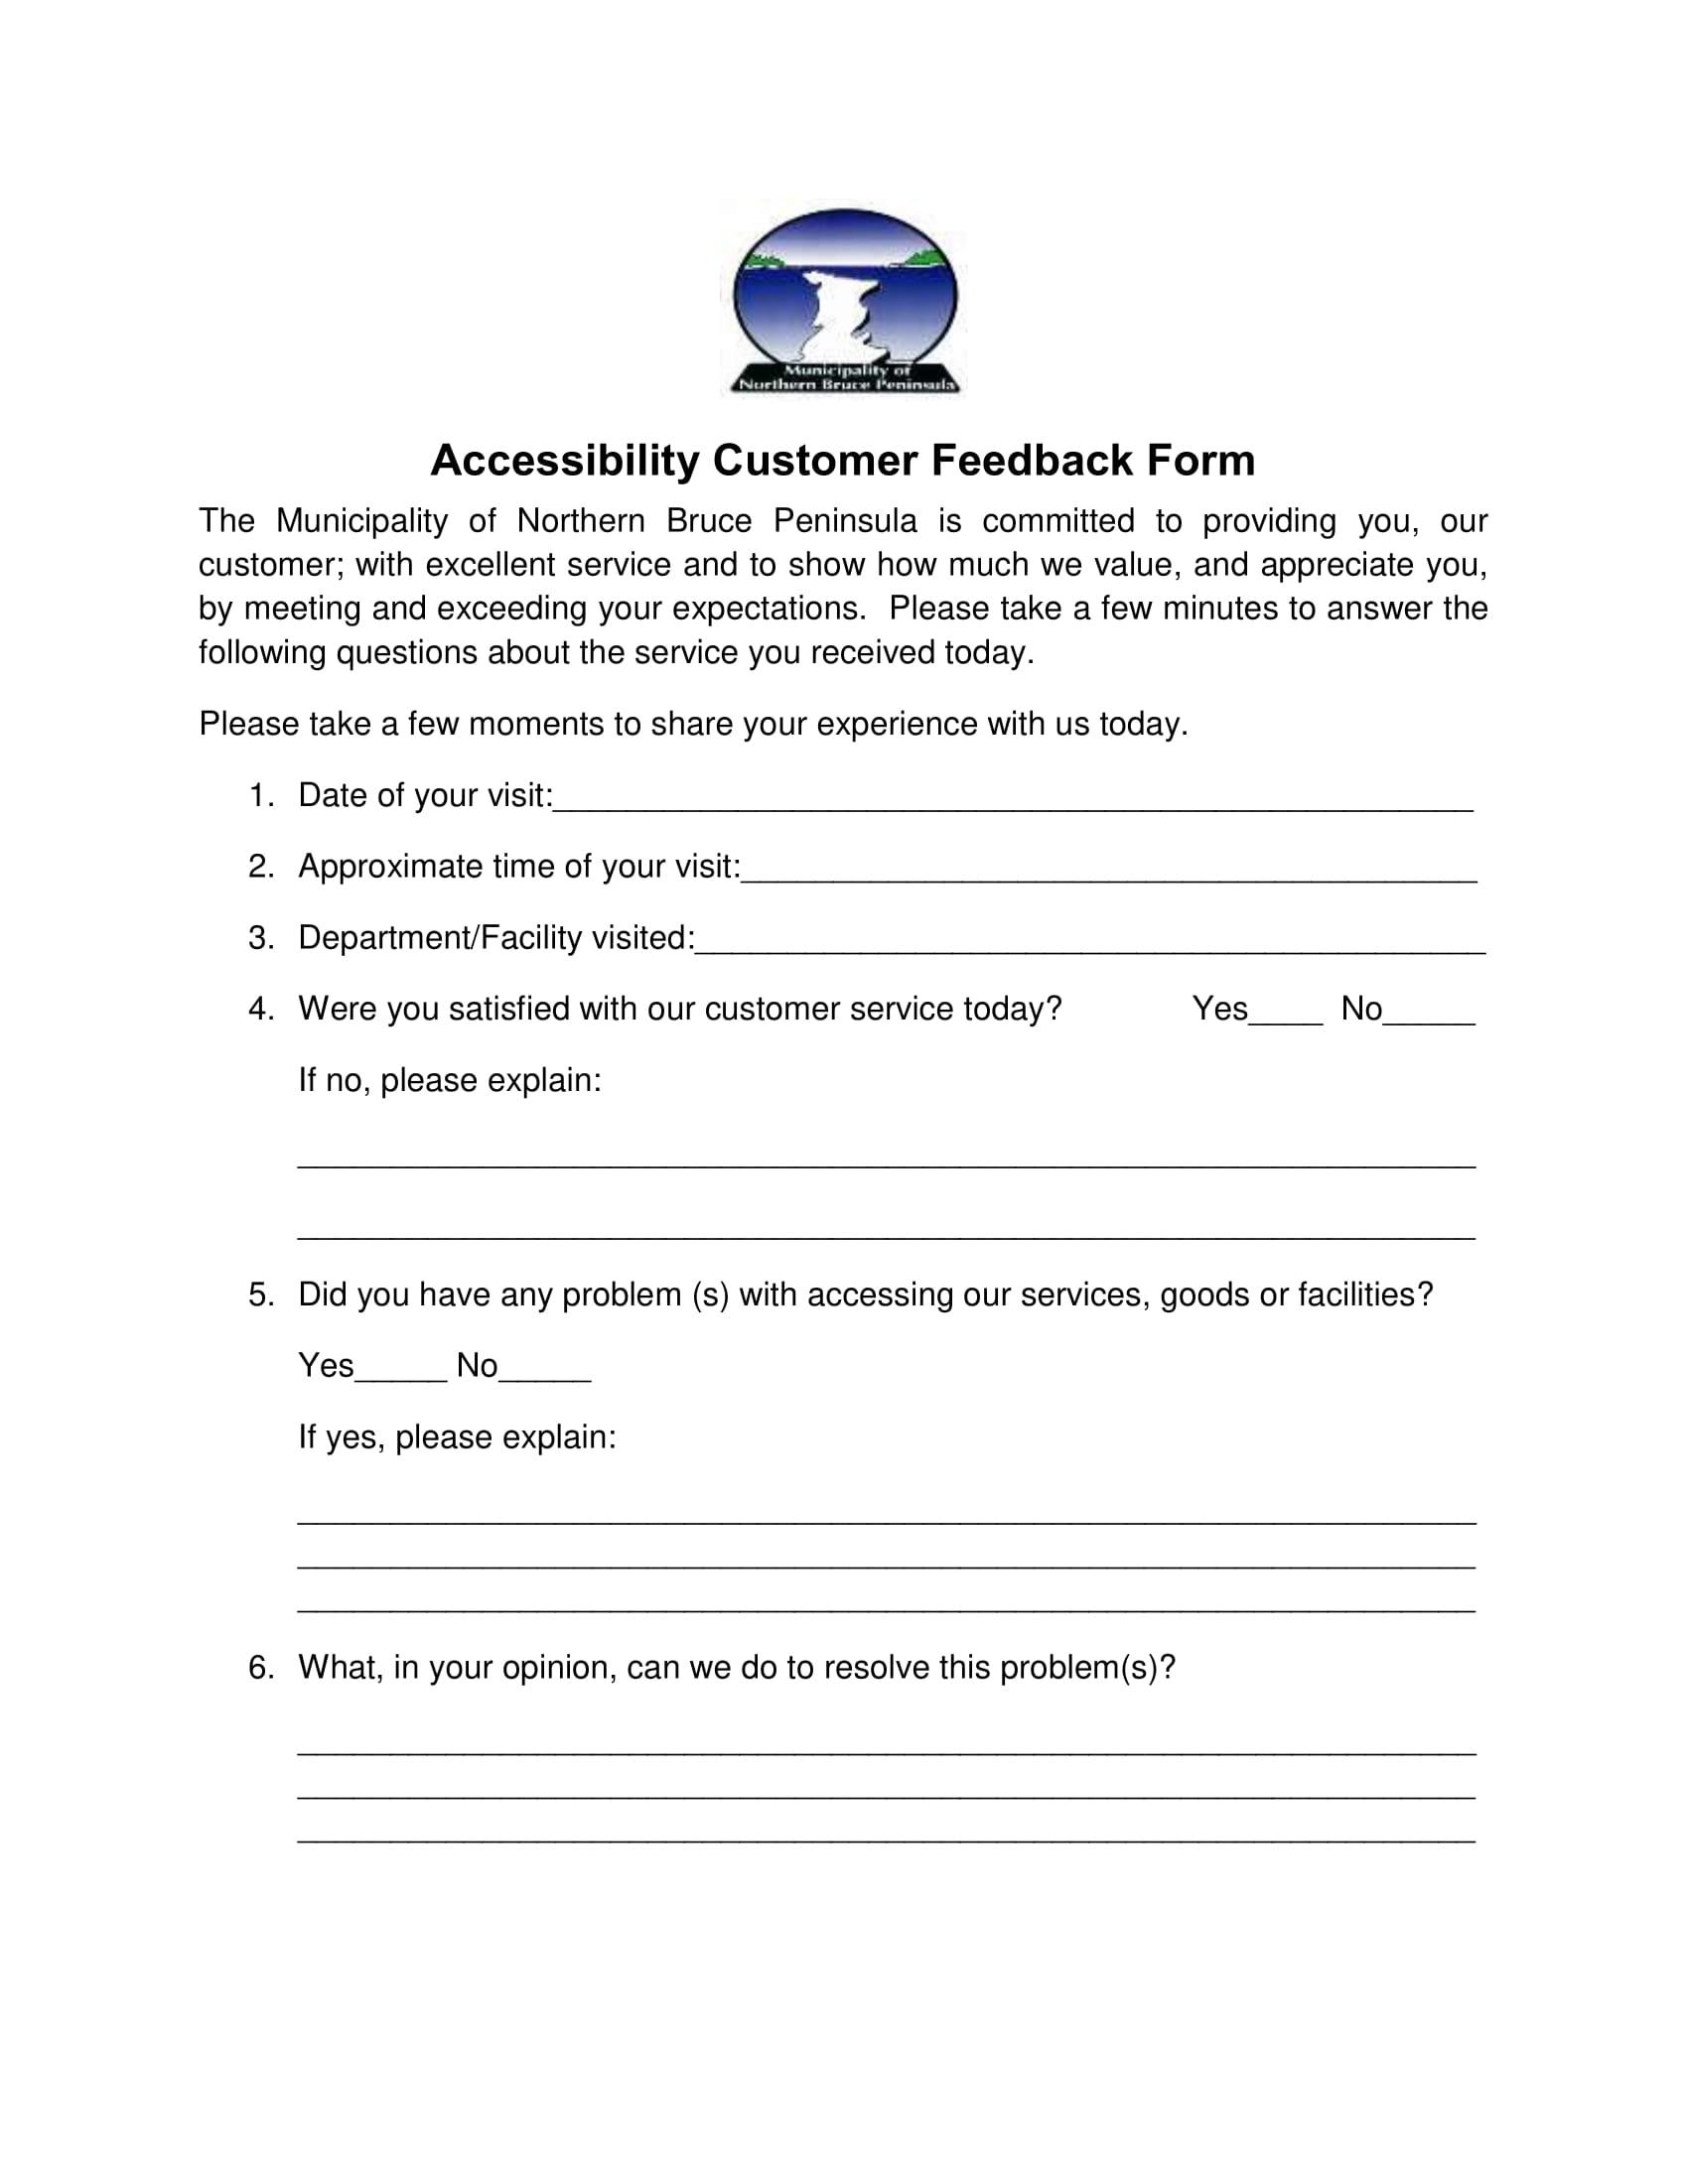 accessibility customer feedback form 1